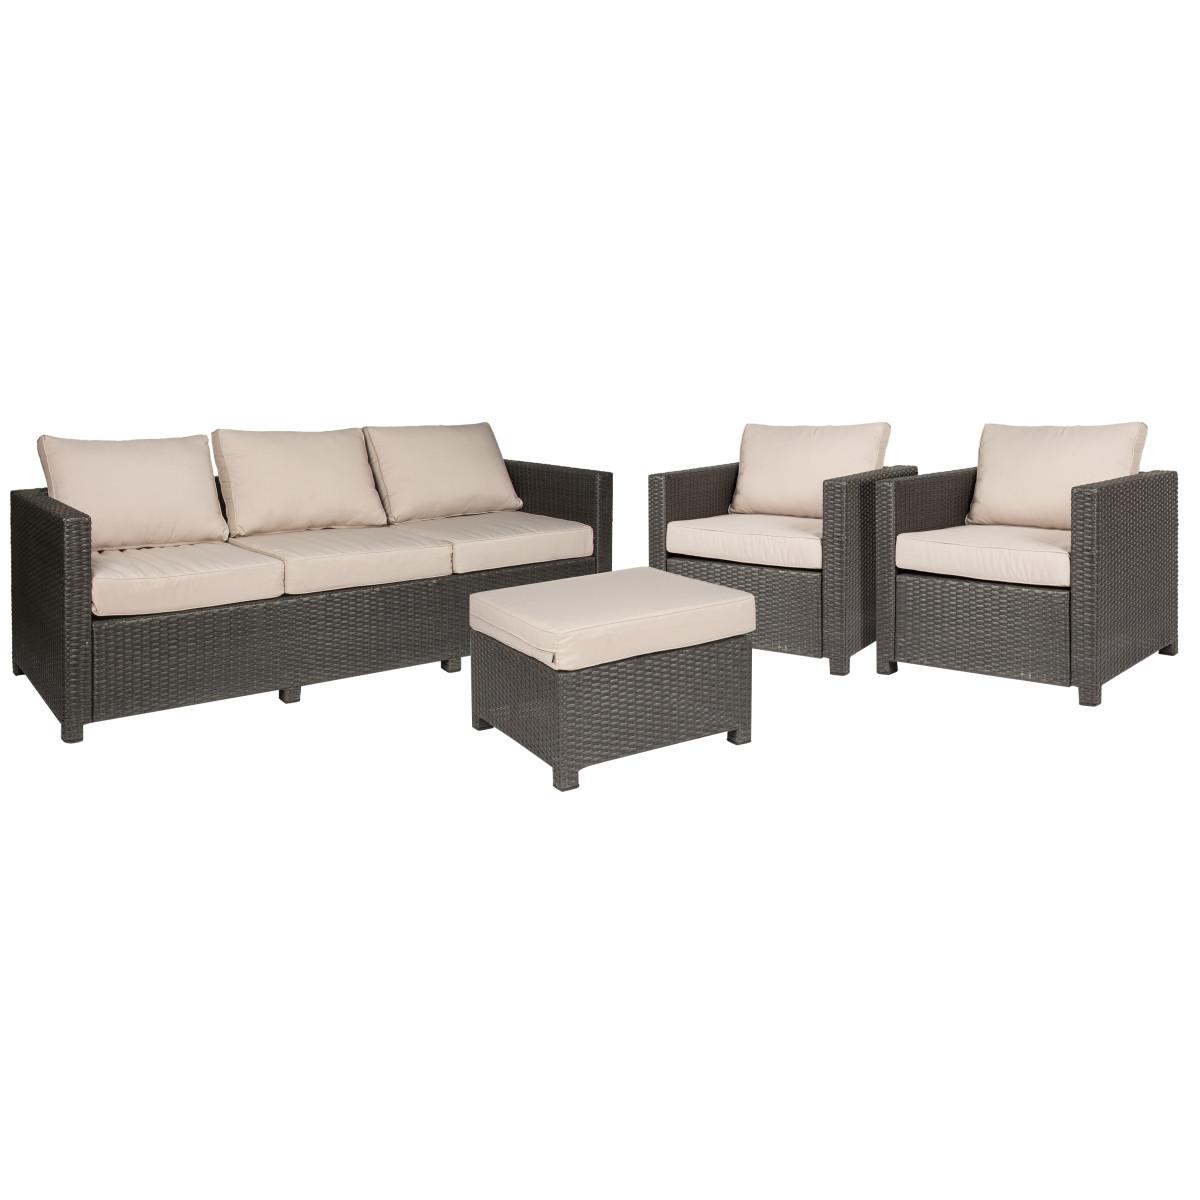 Набор садовой мебели Naterial Cape Cod полиротанг коричневый табурет диван и 2 кресла